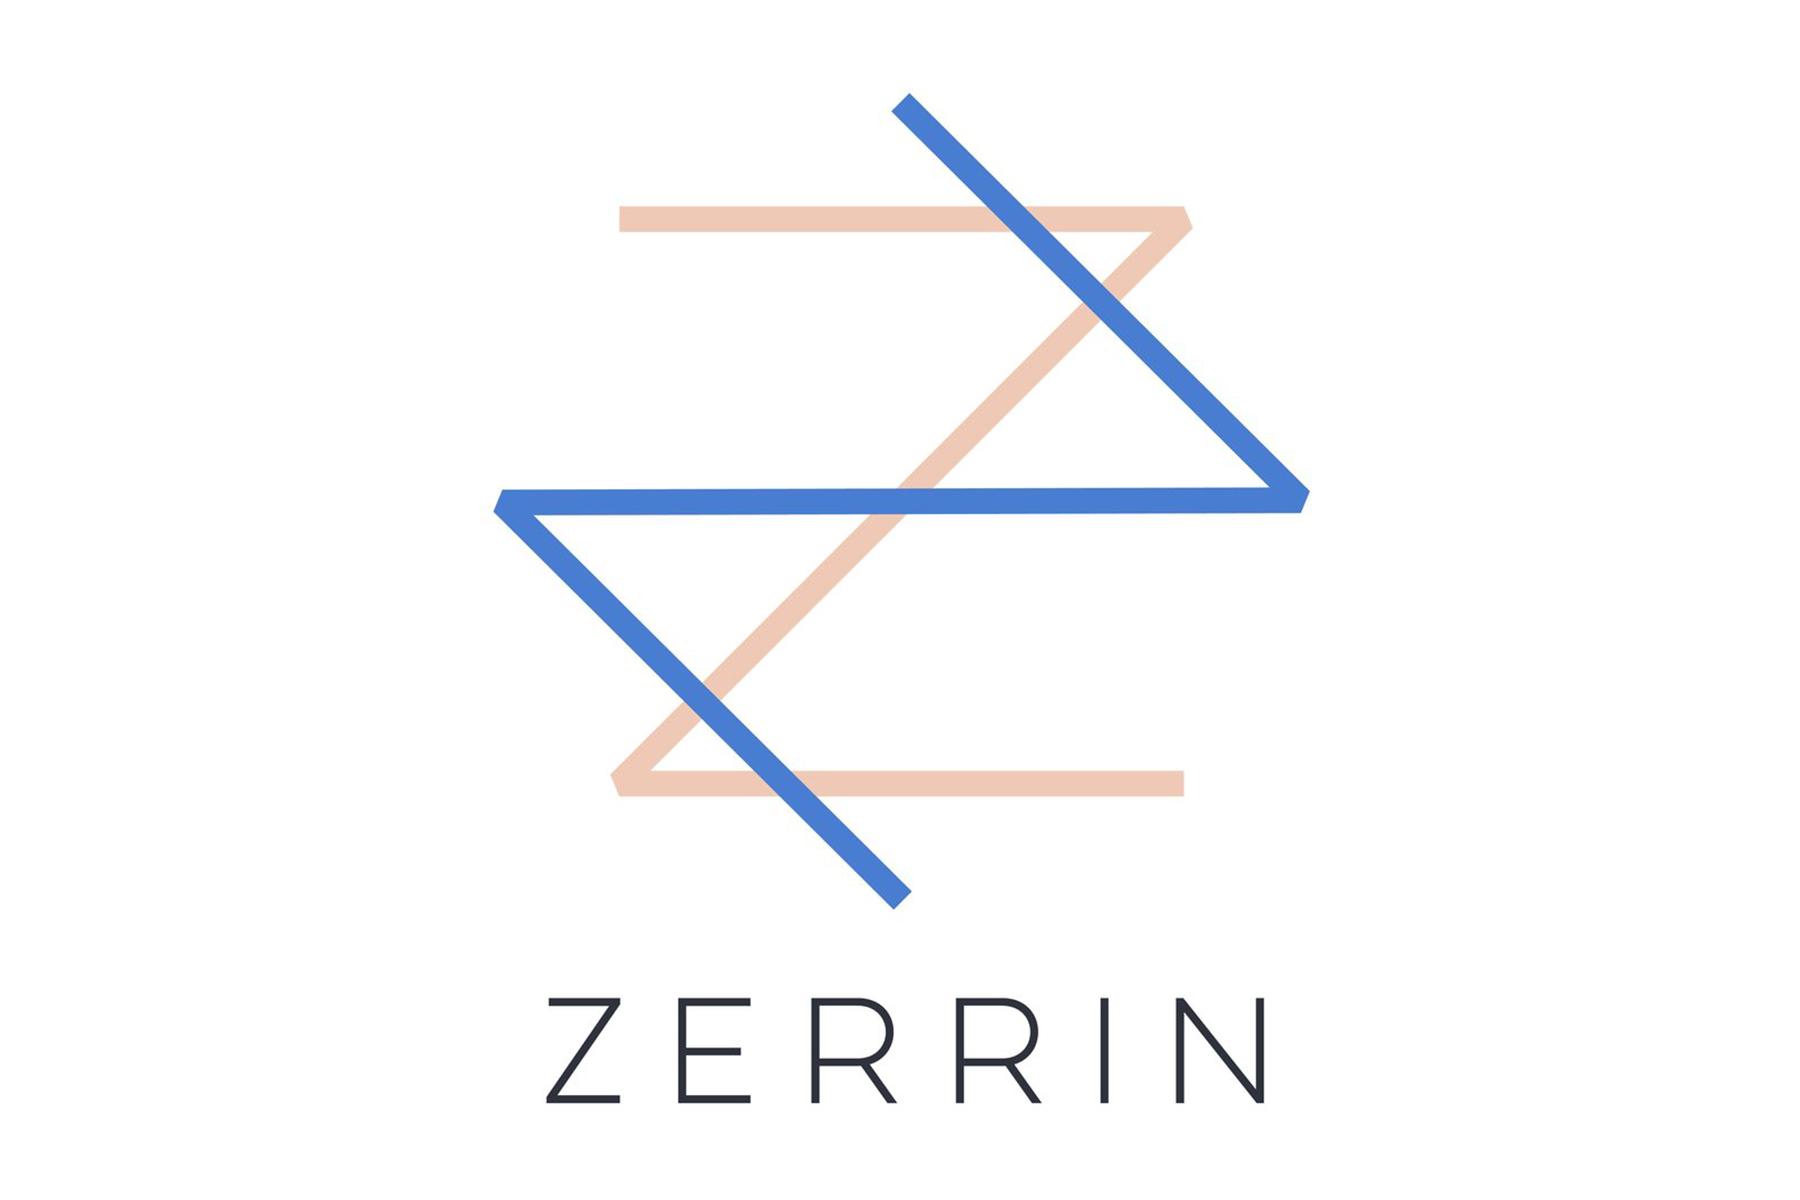 zerrin-logo.jpg